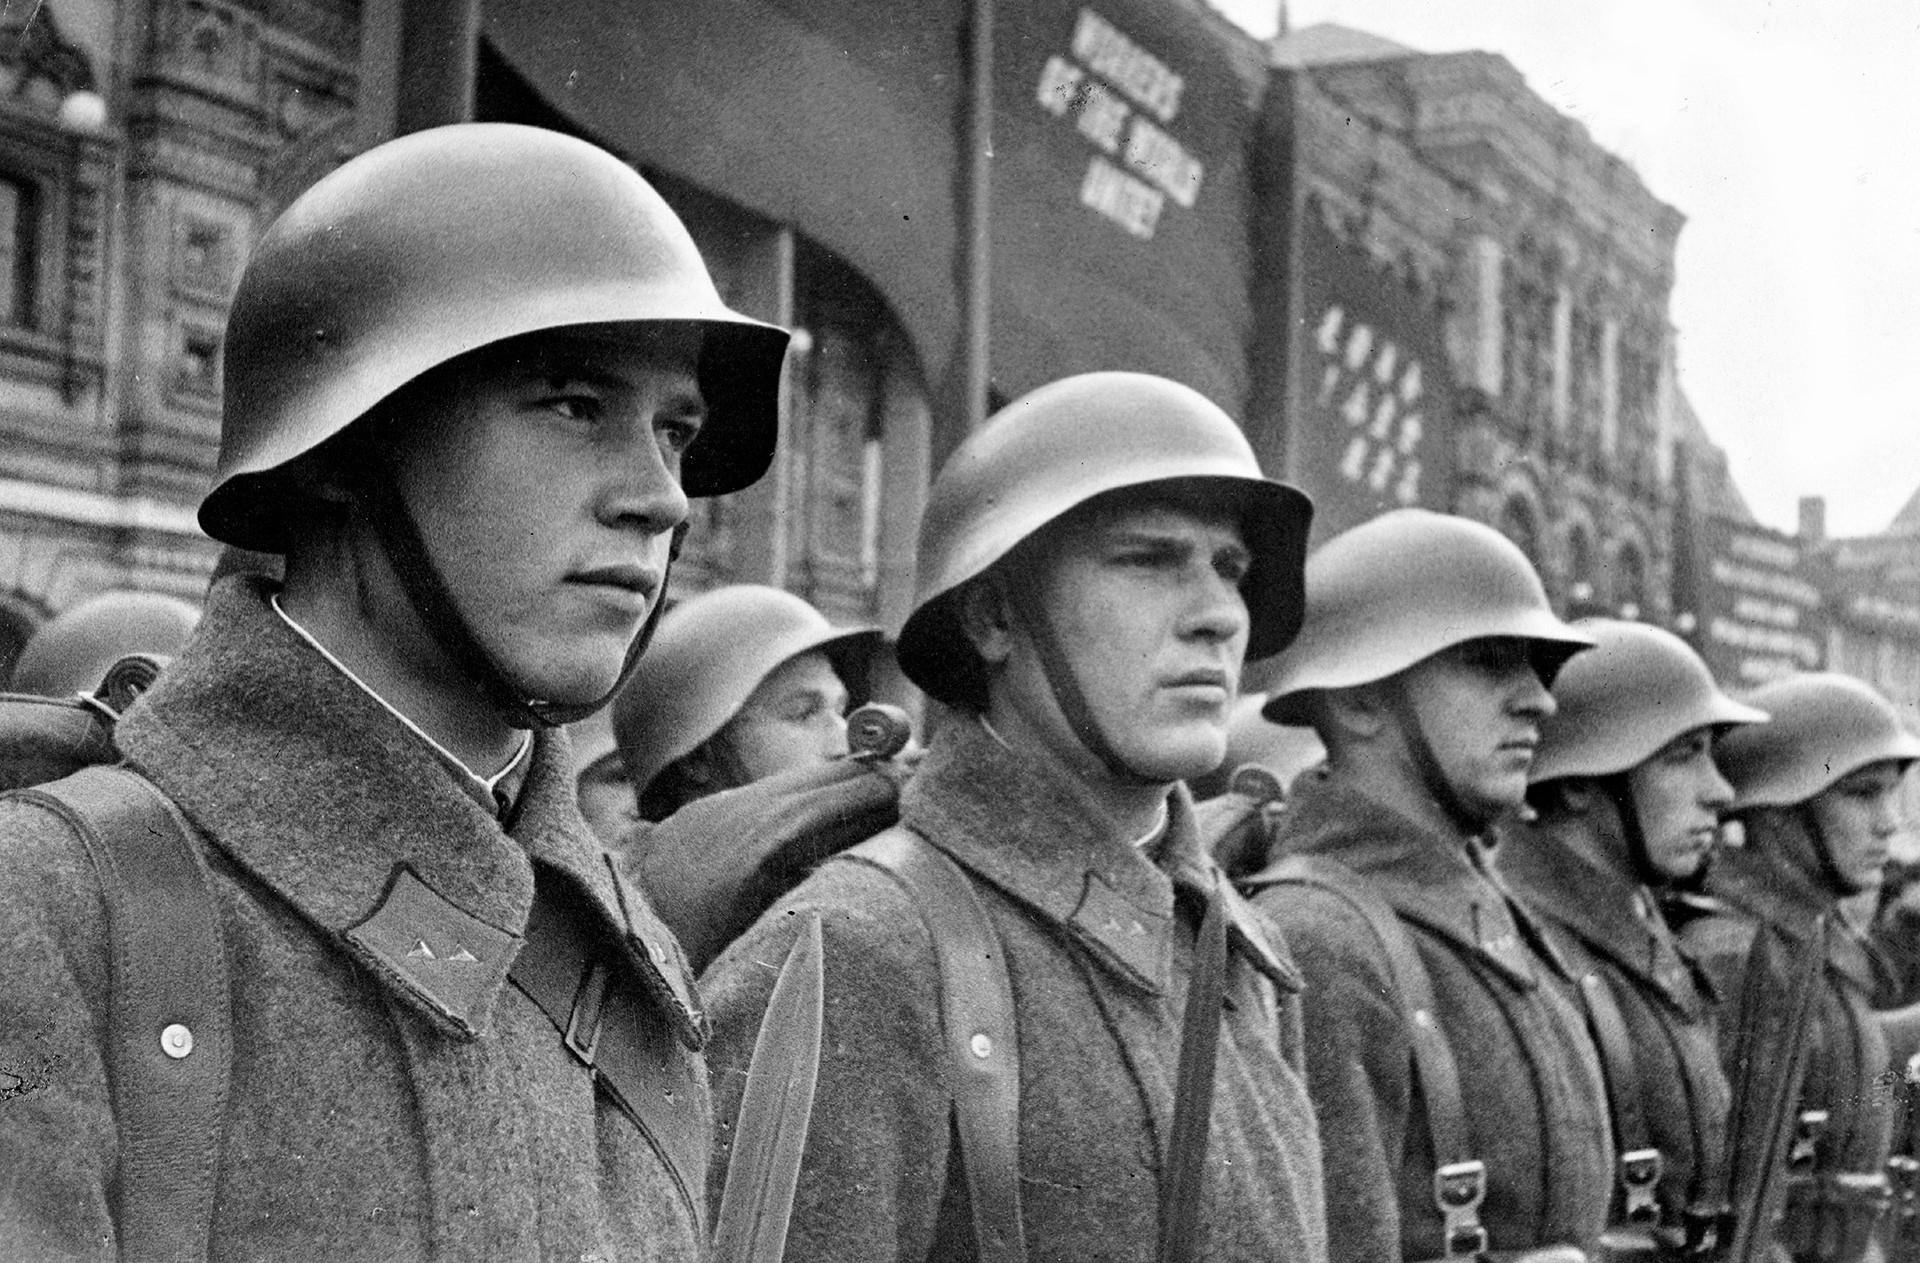 Војници Црвене армије у СССР-у.